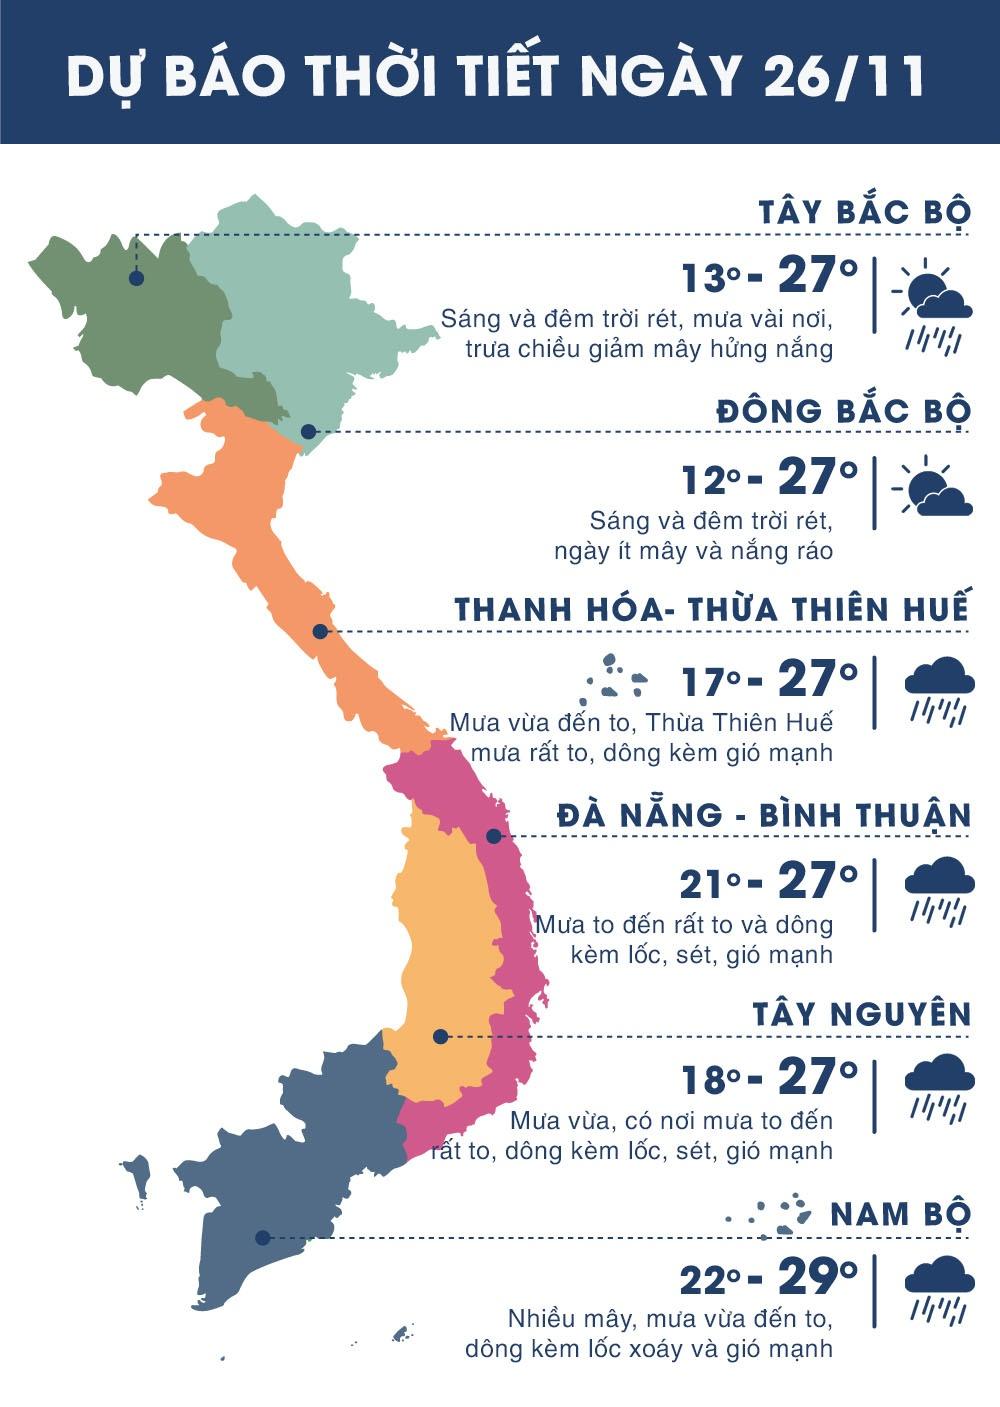 Thời tiết ngày 26/11: Sài Gòn tiếp tục mưa lớn, nguy cơ ngập lụt cao